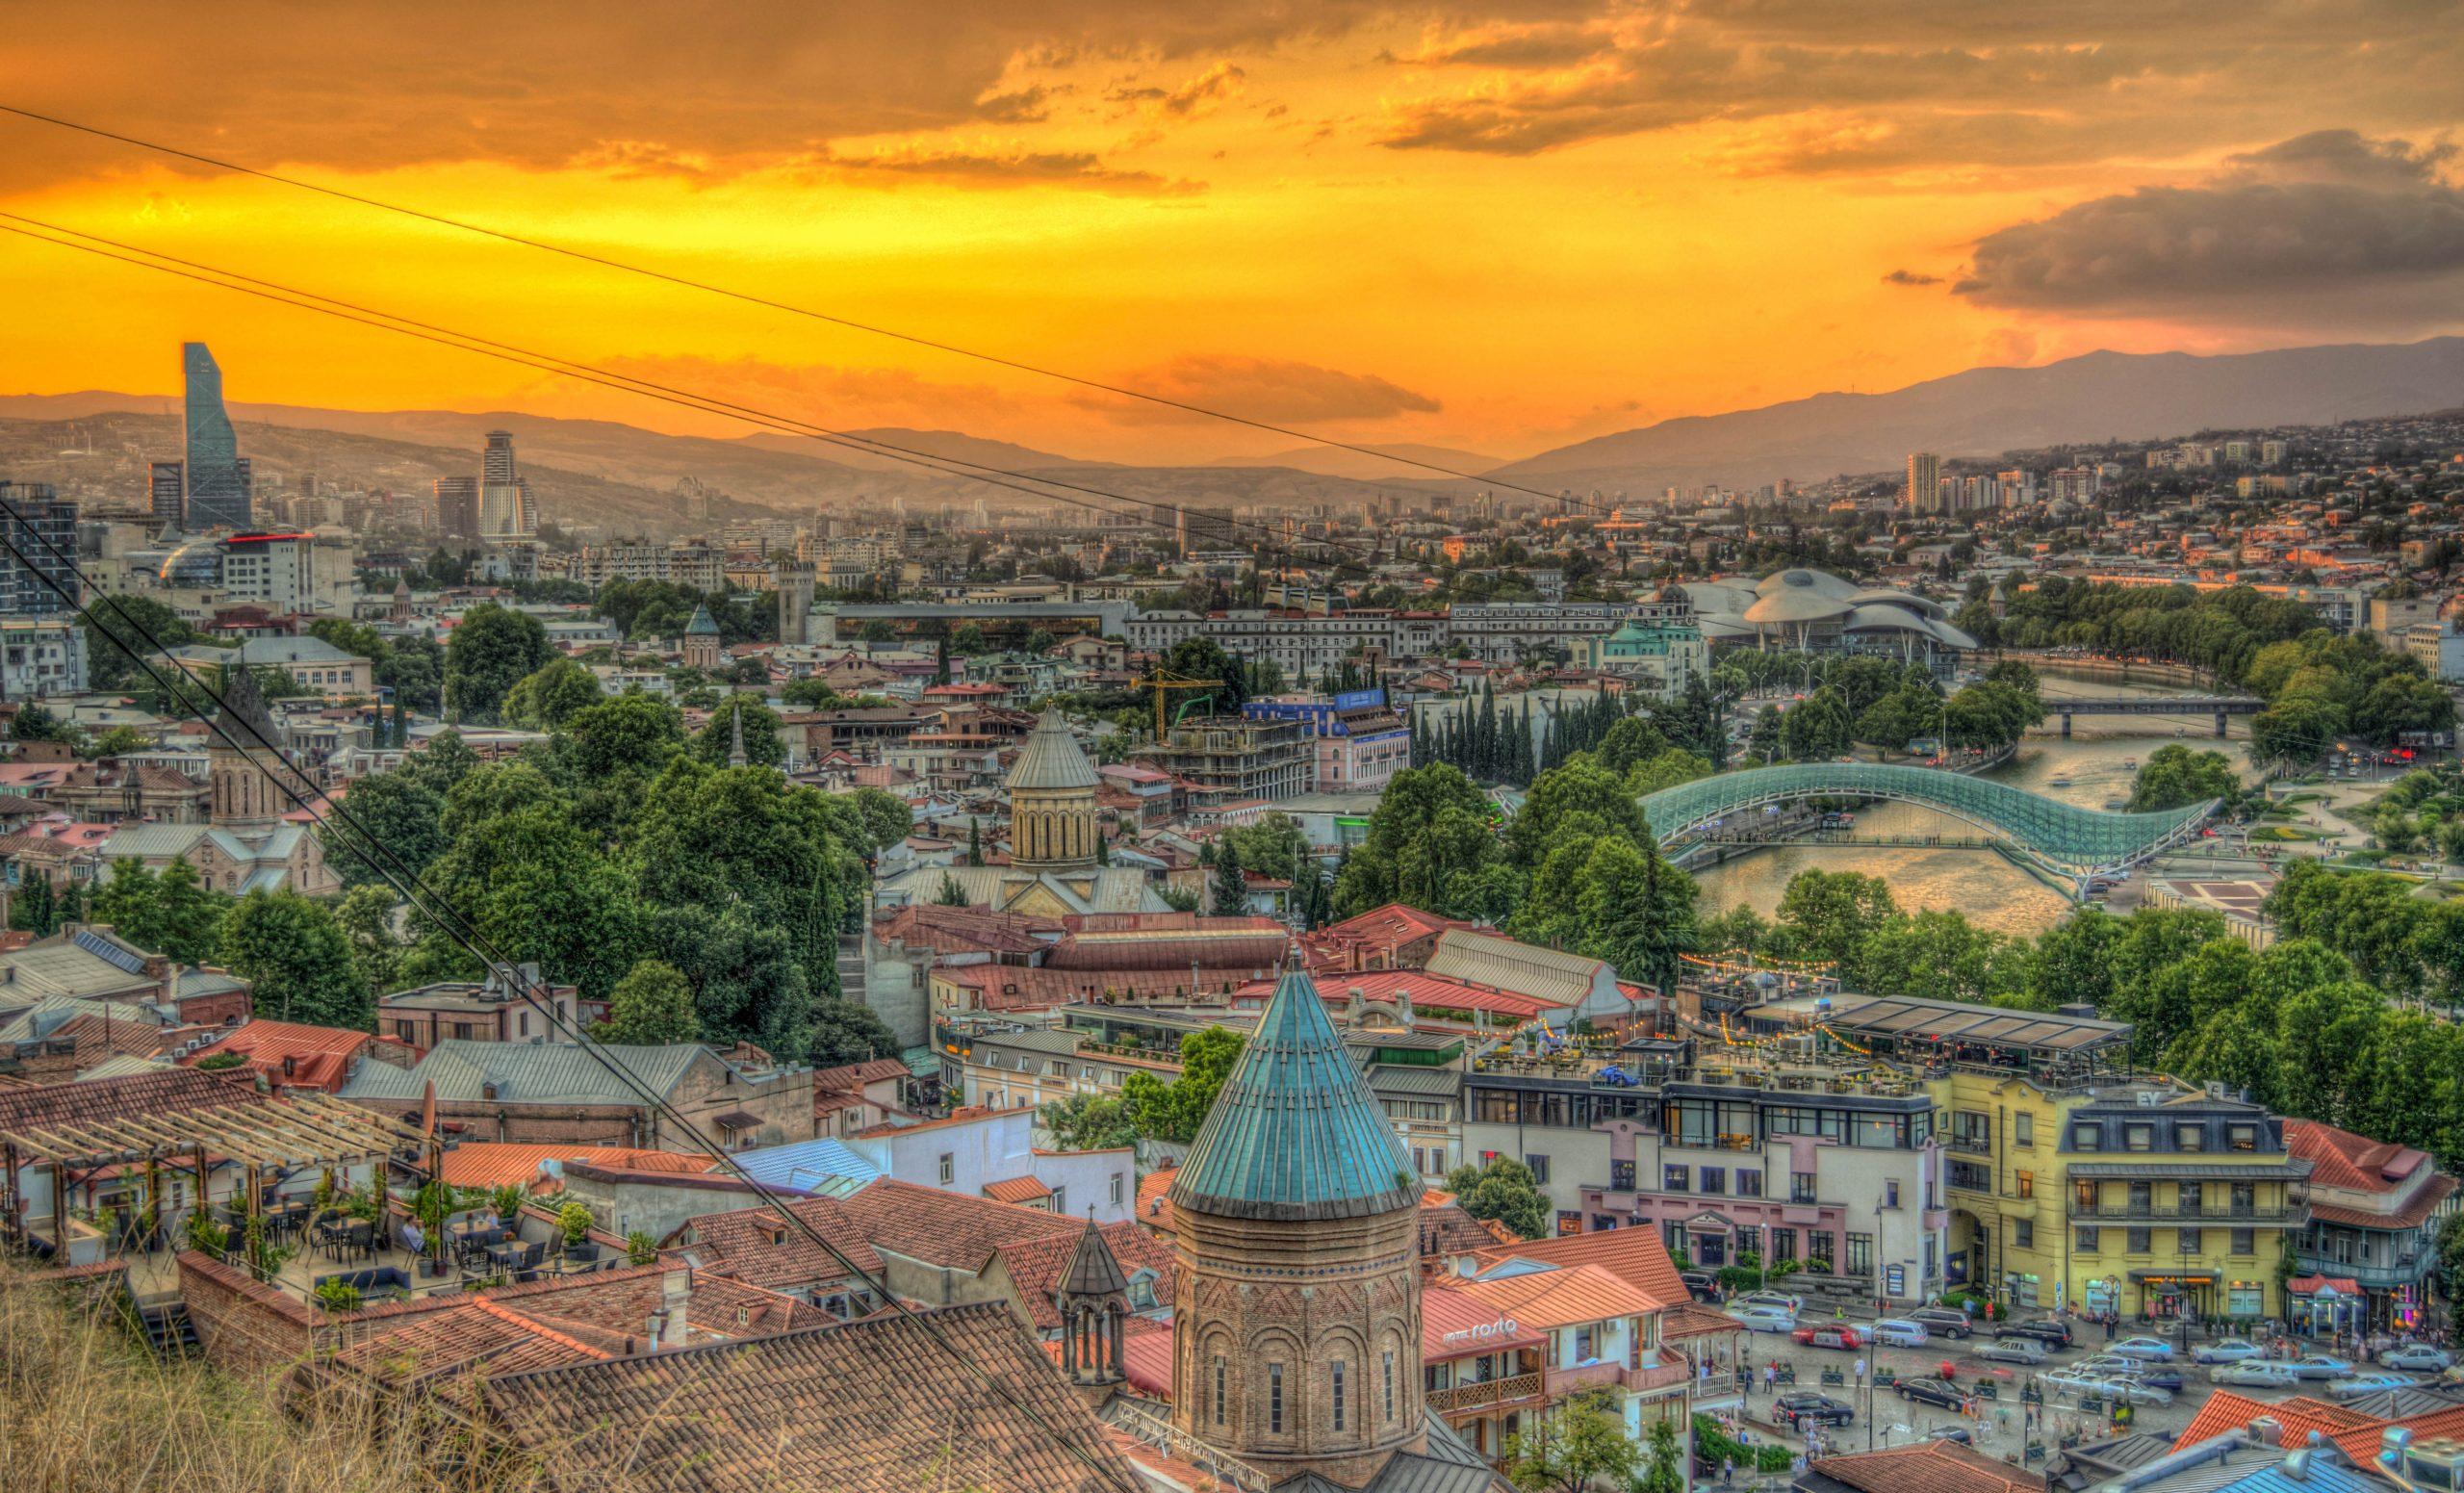 mejor época para viajar a georgia,mejor época viajar georgia,clima georgia,clima georgia europa,cuándo viajar a georgia, ¿Cuál es la mejor época para viajar a Georgia?